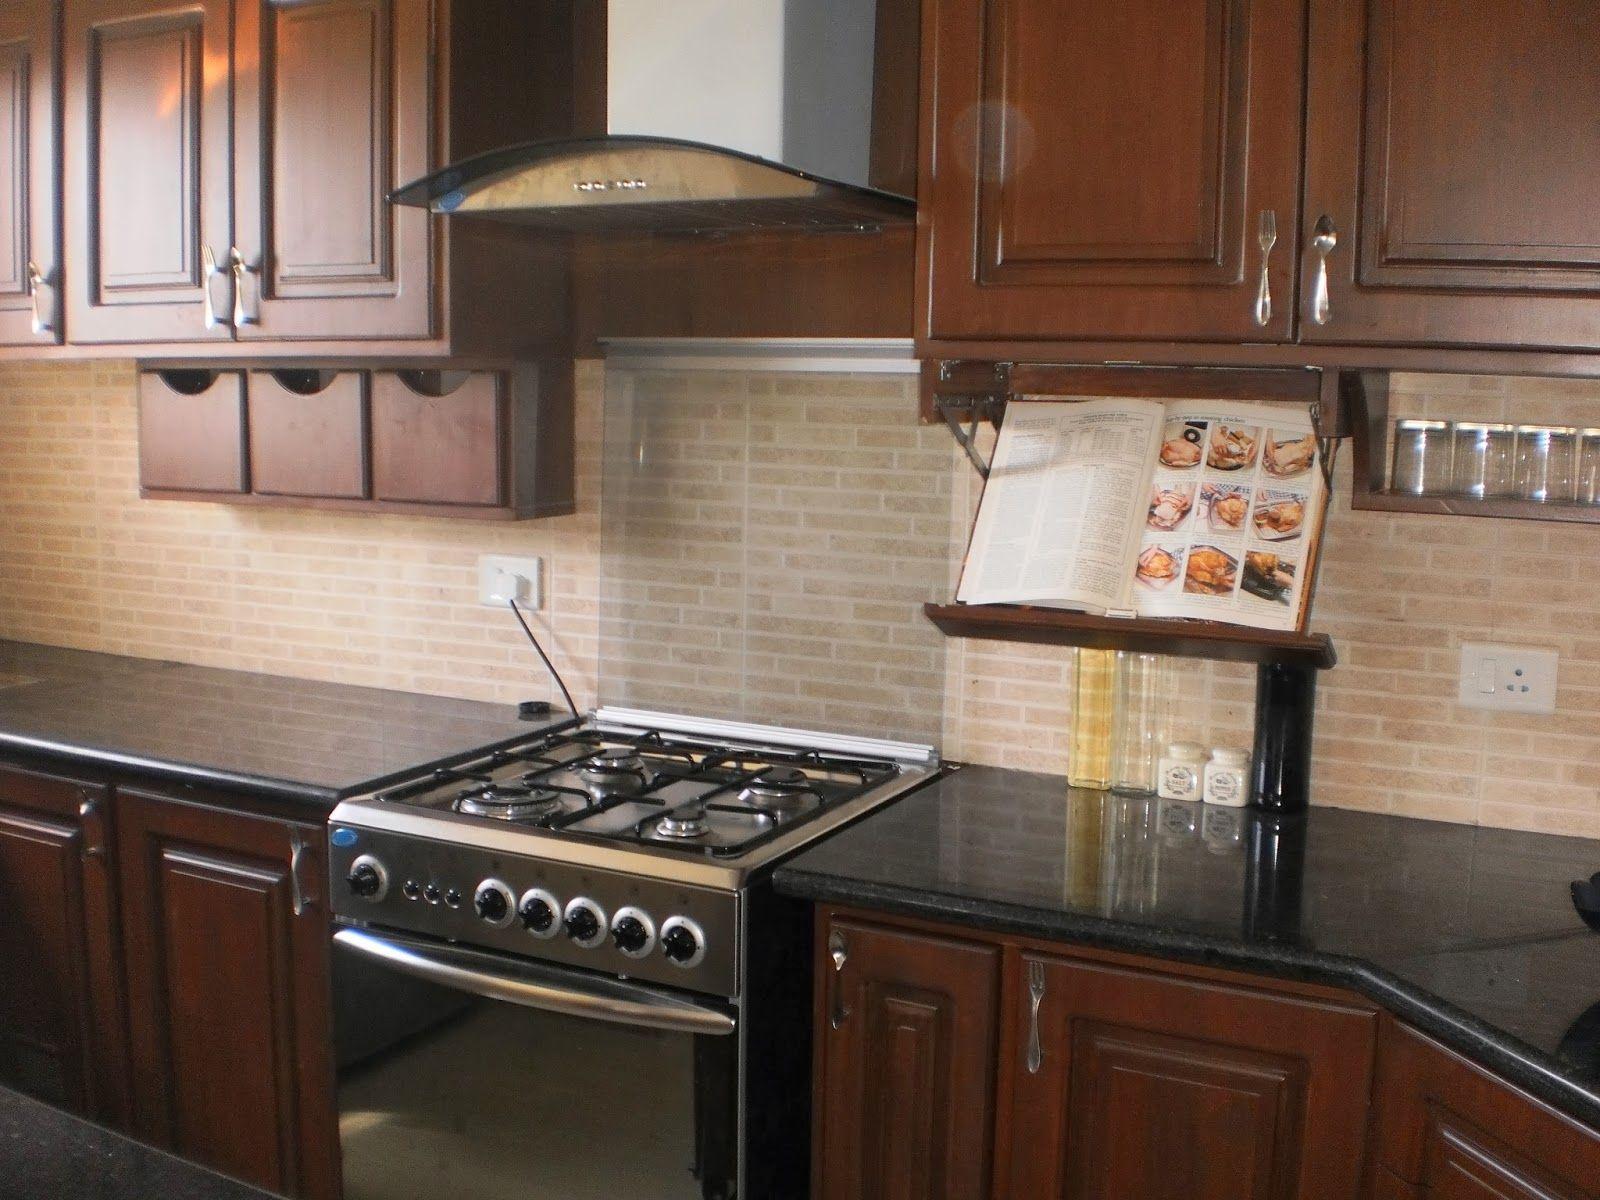 Full Size Of Kitchen, Mahogany Kitchen Furniture Wooden Varnished Cabinet  Cookbook Holder Under Cabinet Gas